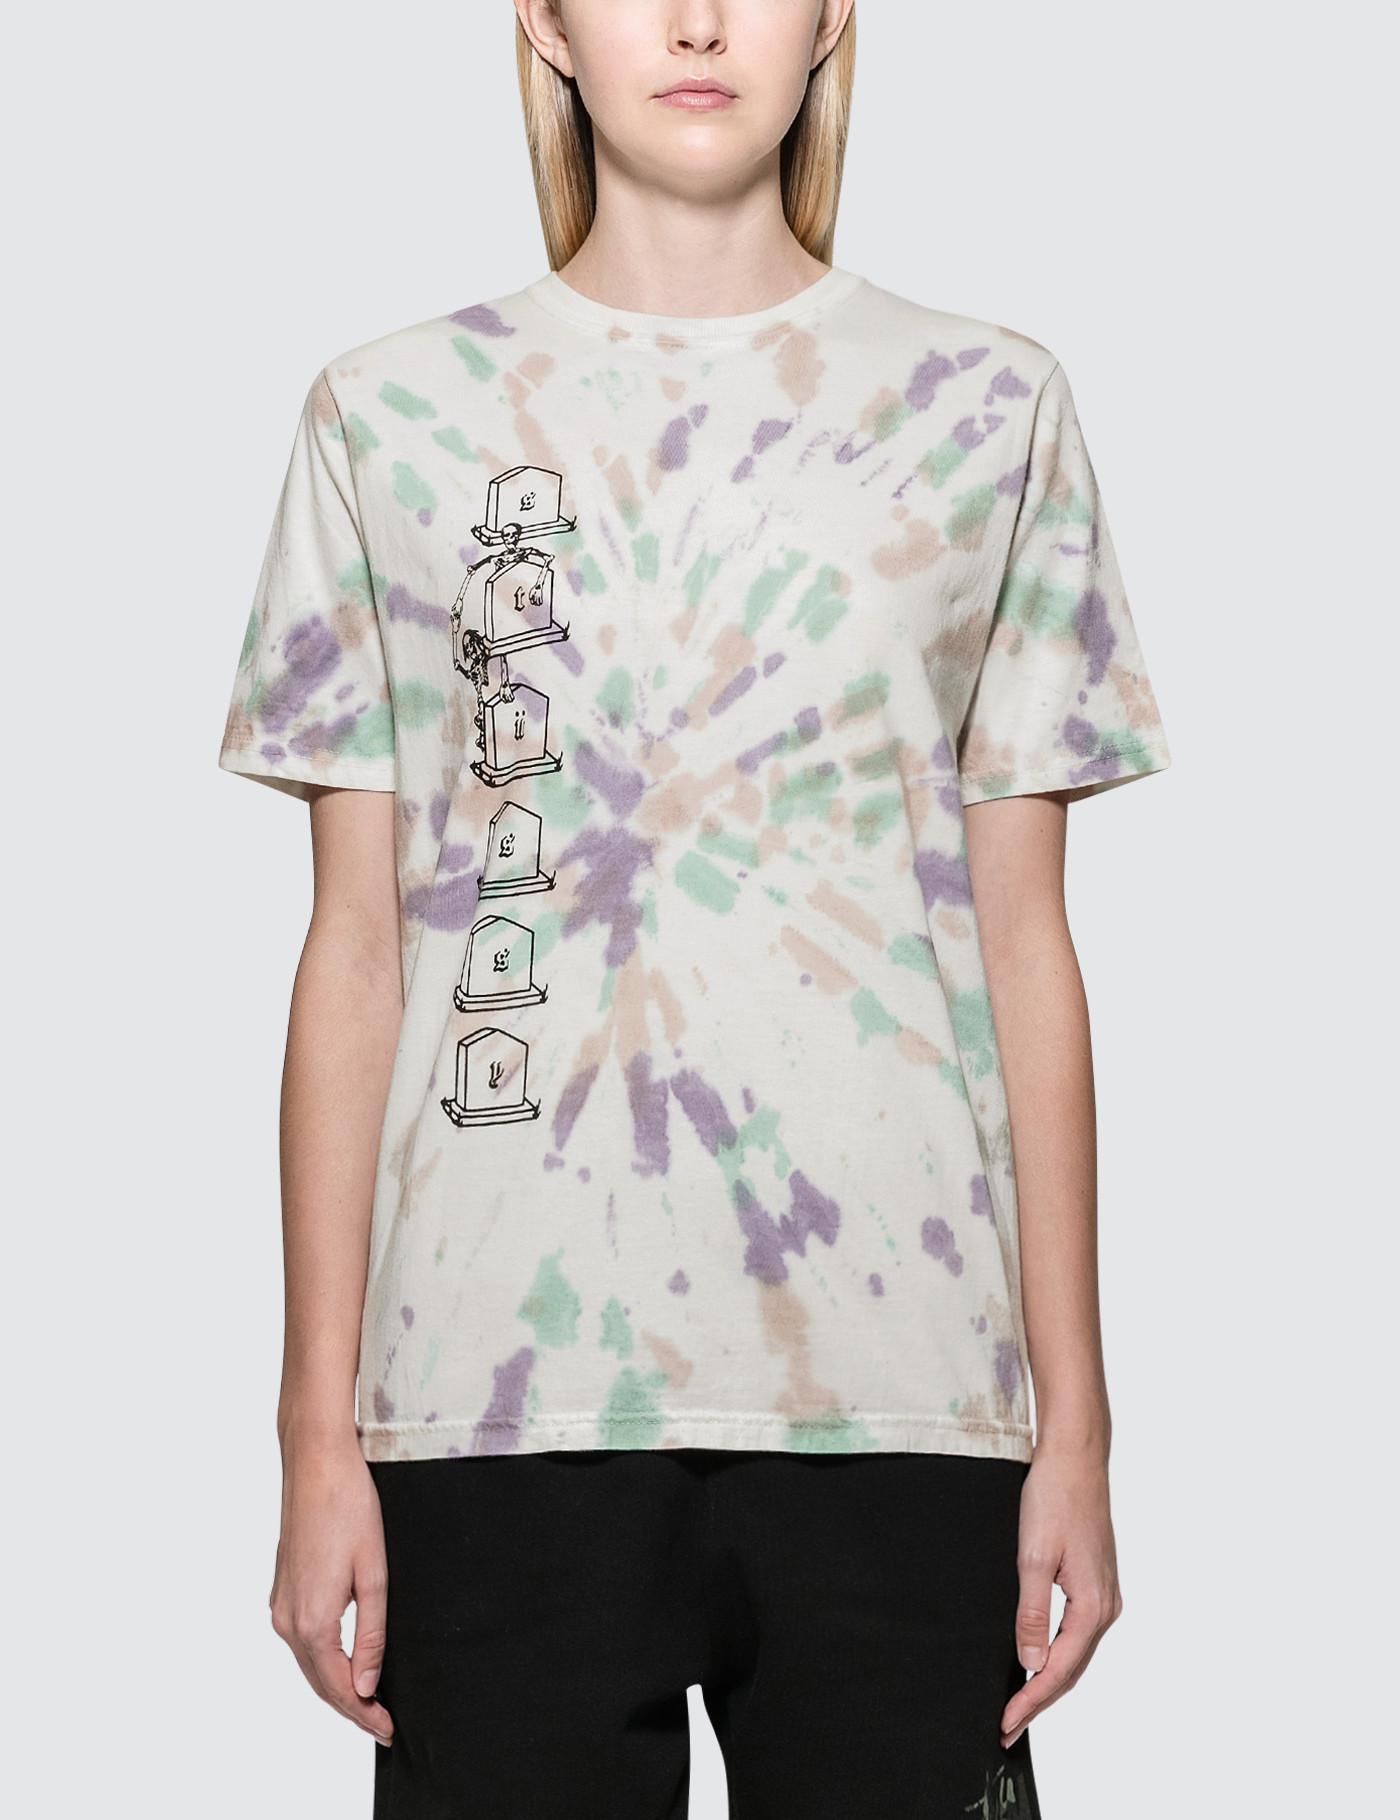 ec3a460d7a Stussy Dead Hi-five Td Short Sleeve T-shirt in Natural - Lyst